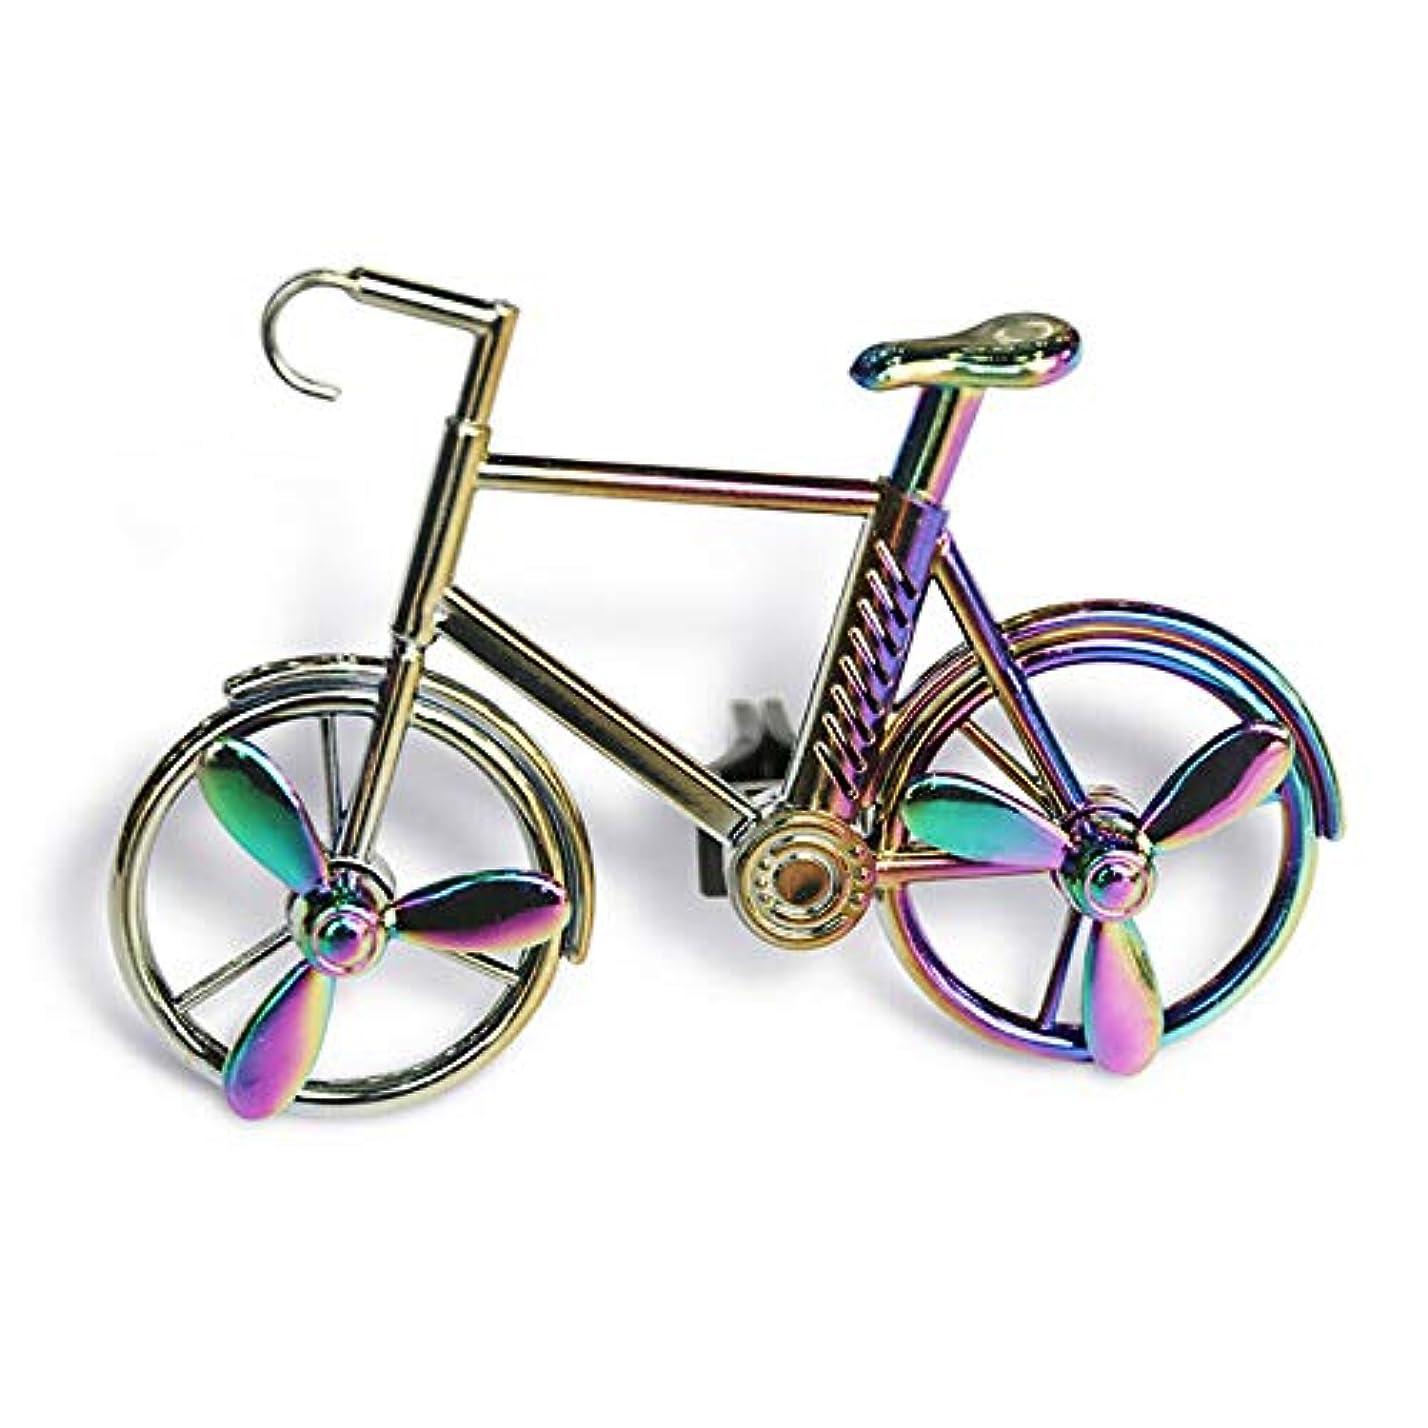 廃棄定義のどSymboat 車の芳香剤車の出口のアロマセラピーの自動車付属品の自転車の装飾品の固体芳香車の香水